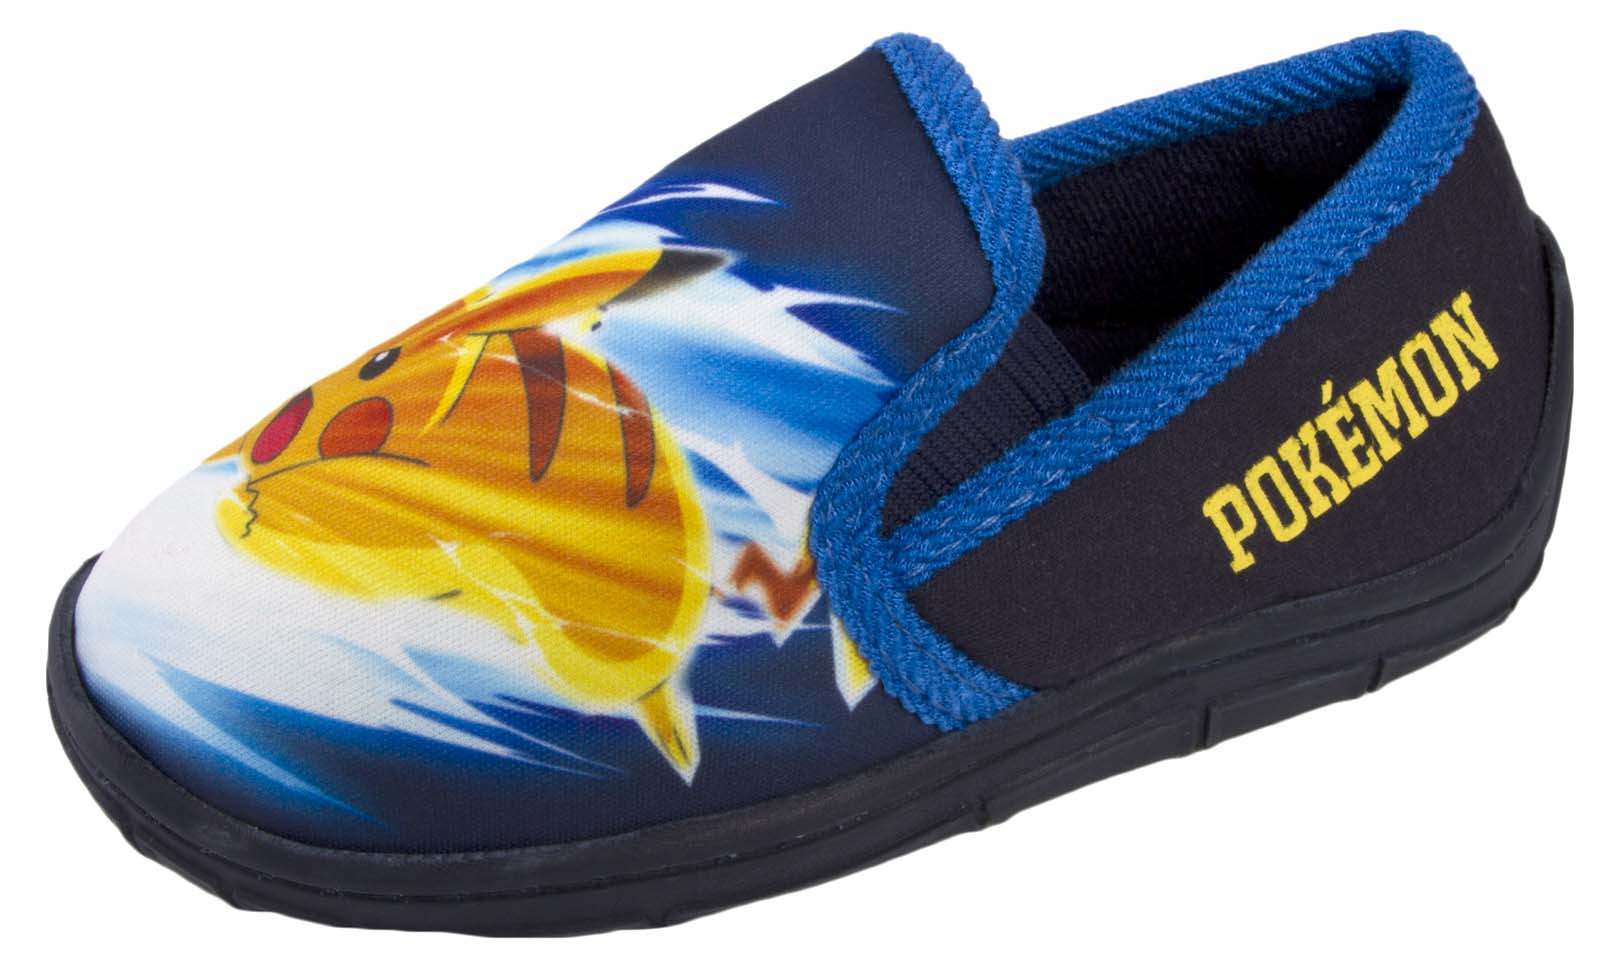 Chicos Zapatillas De Pokemon Pikachu Slip On Mulas Zapatos de Casa de Confort Tamaño para niños de regalo